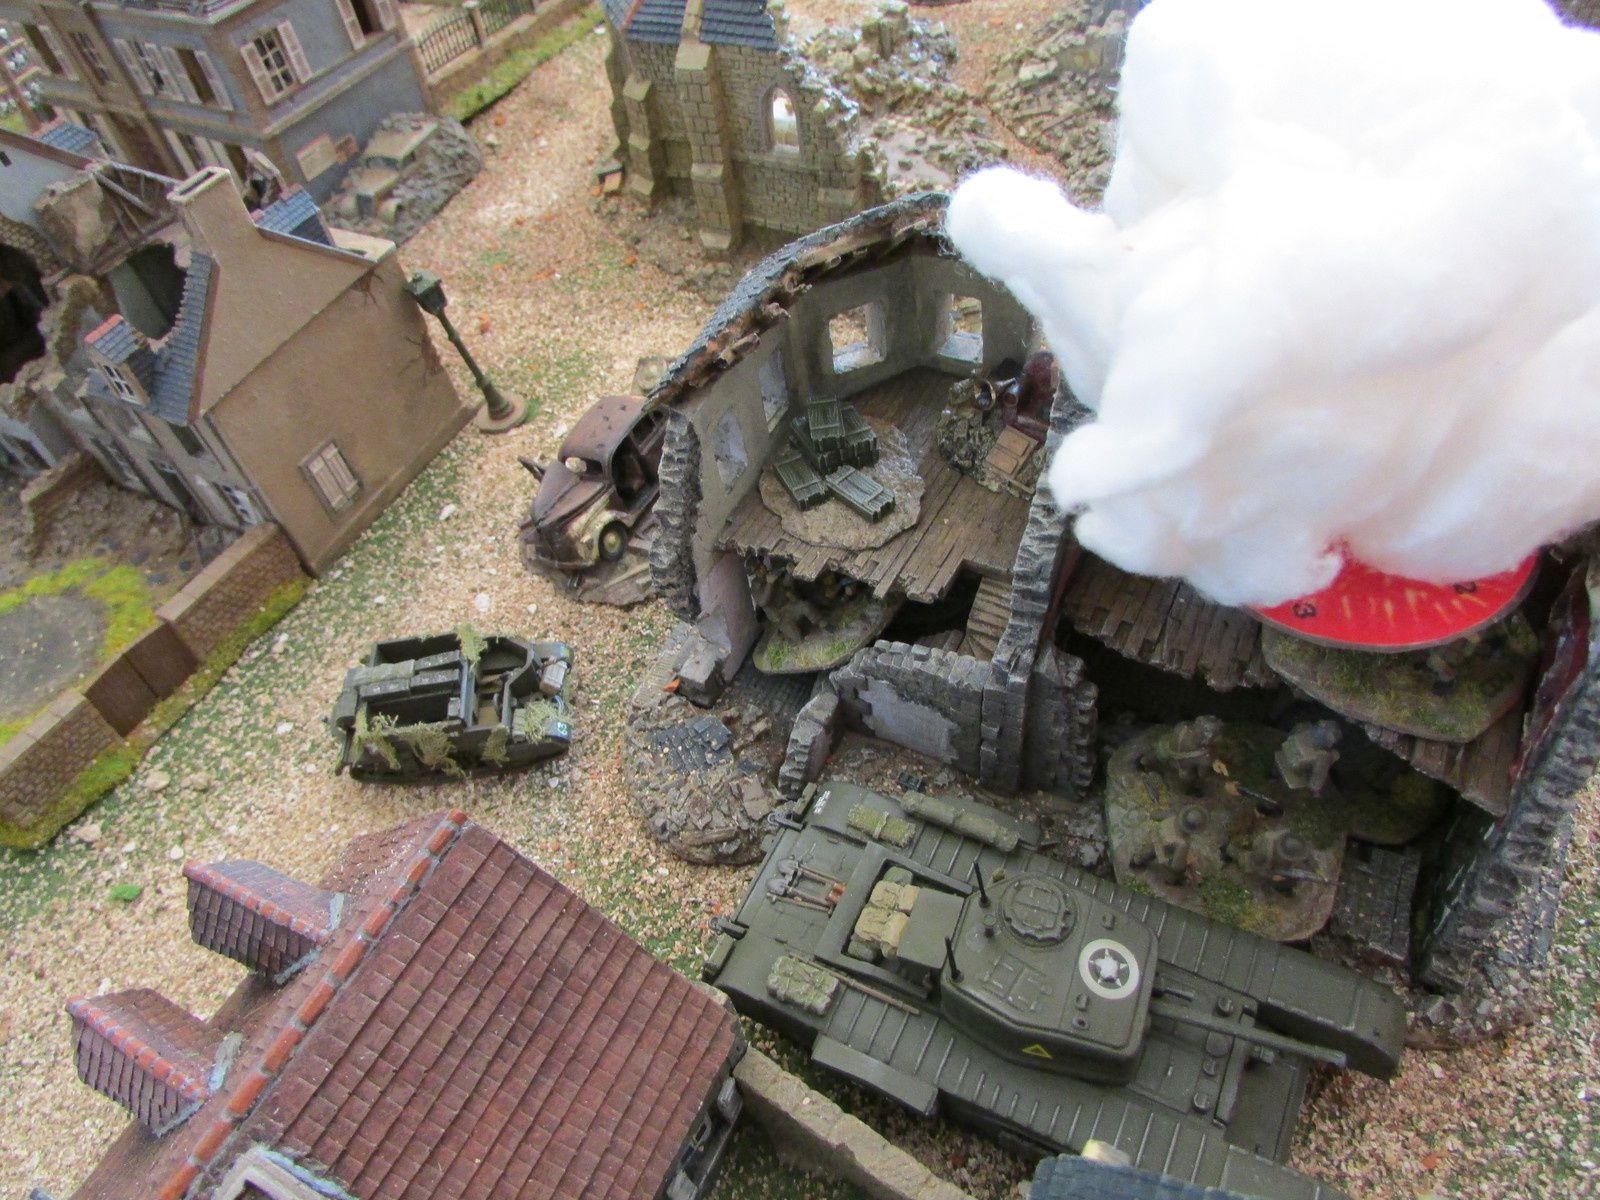 Un observateur demande un test de tir au fumigène pour voir si la sible est le mortier peuvent devenir inseparable. Boum, tabernacle!!!!! Manque de bol, le fumigène tombe sur la poire de l'observateur est d'une section d'infanterie.